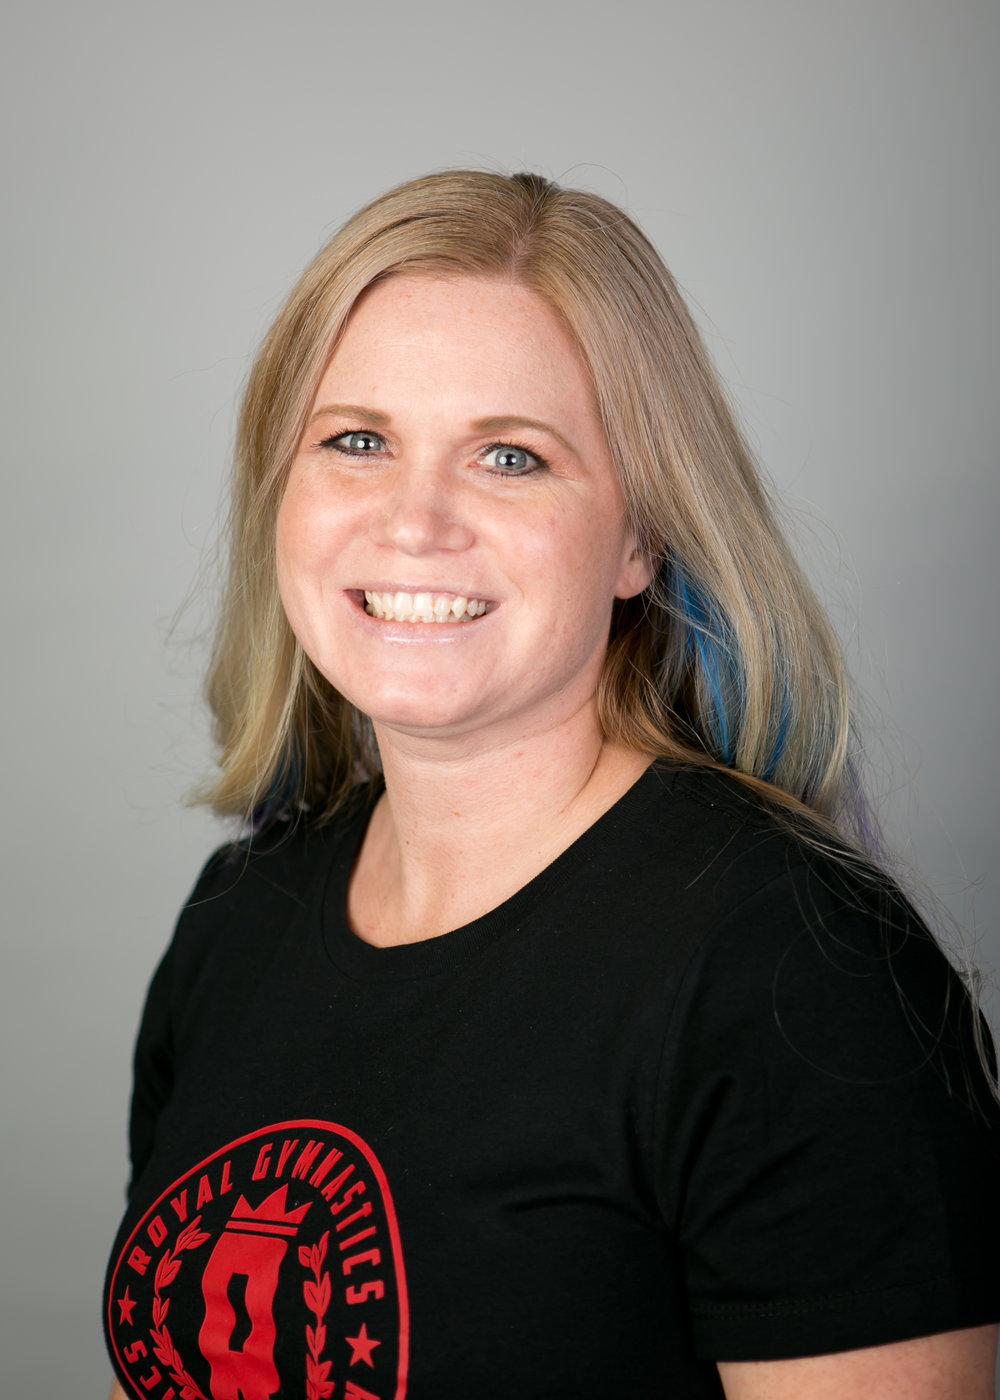 Coach Sara Pre-development team, Compulsory Team Coach